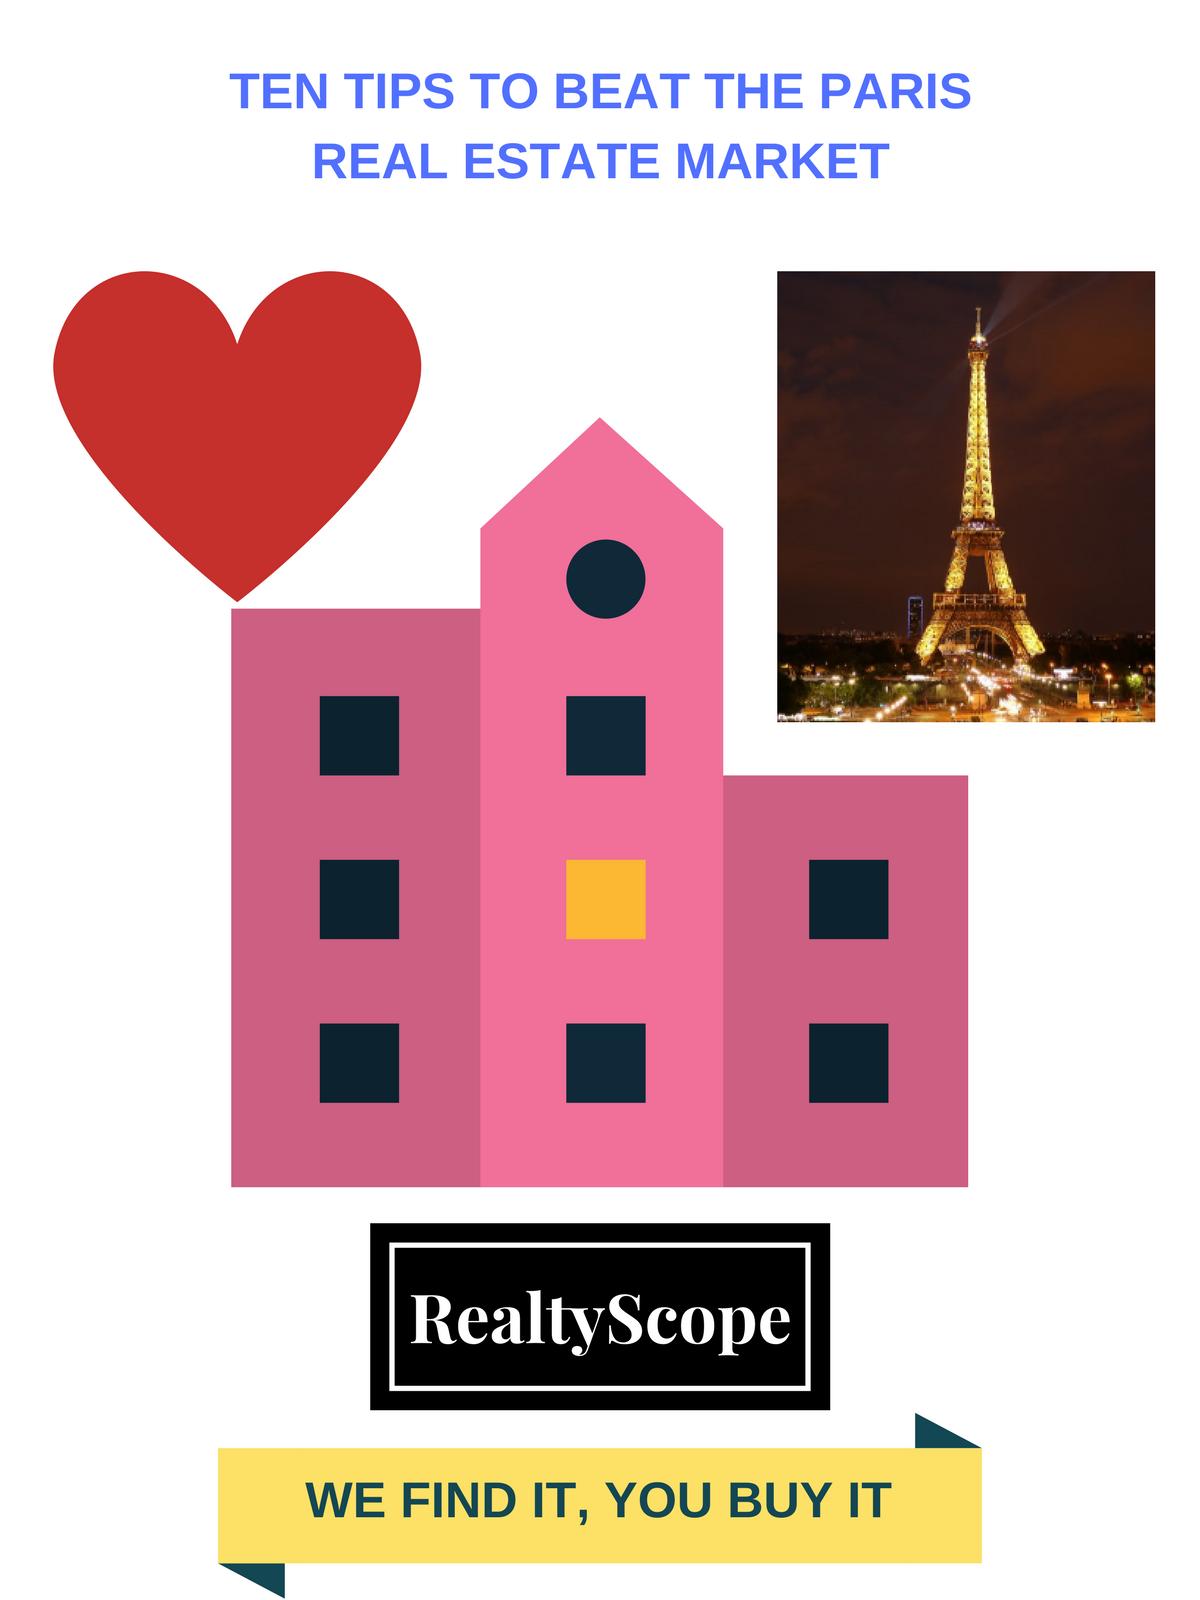 #apartmentforsale #estateParis, #ParisProperties #houseinParis #ParisFlat #BuyParis #HomeinParis #LuxryApartmentParis #investinParis